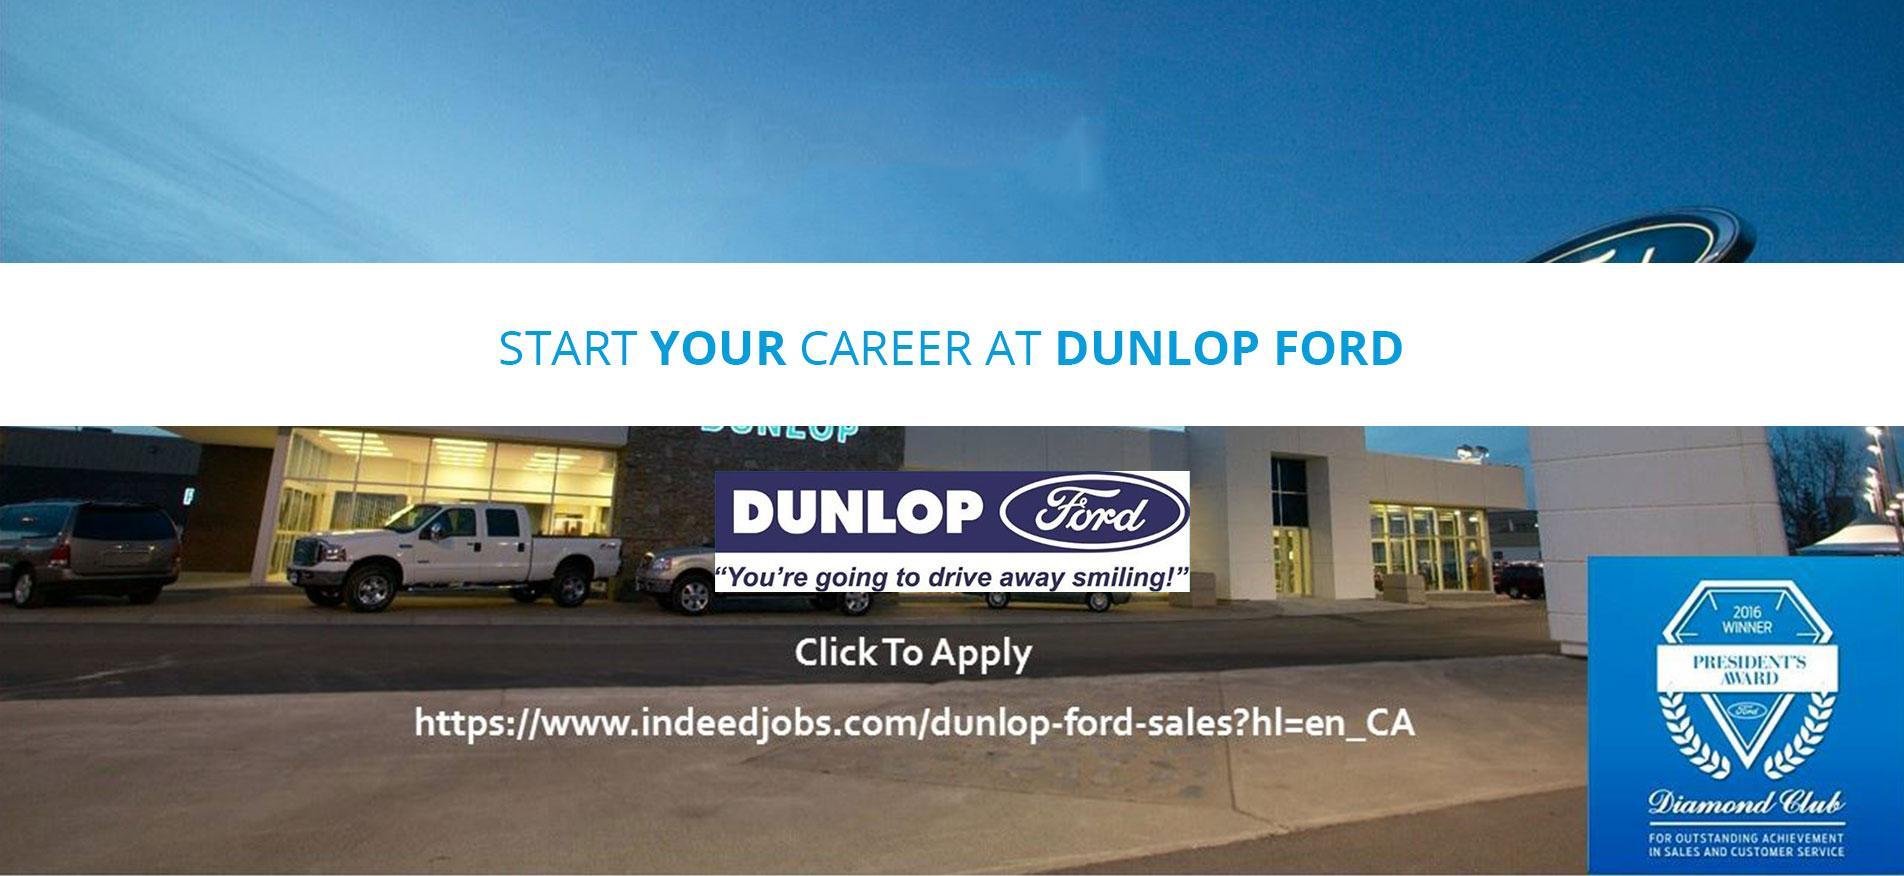 Dunlop Ford employment